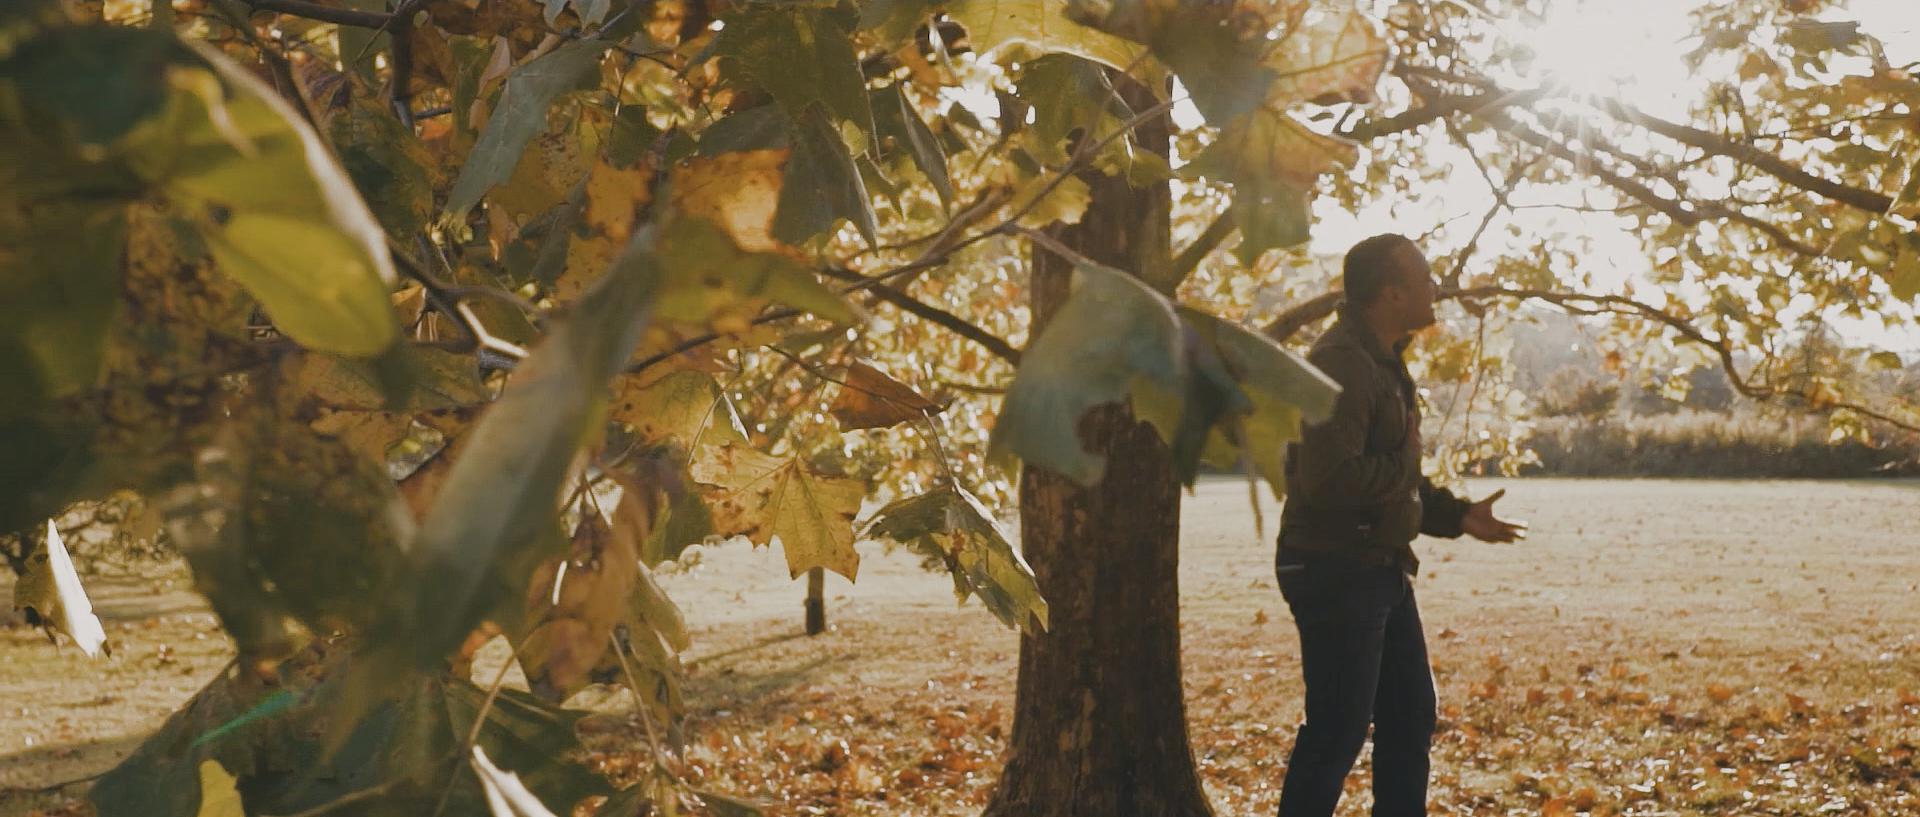 Stills - Cinema - Dp - Frame- Cinematographer - Miguel Bautista - Production - Filmmaking - Cine 020.jpg